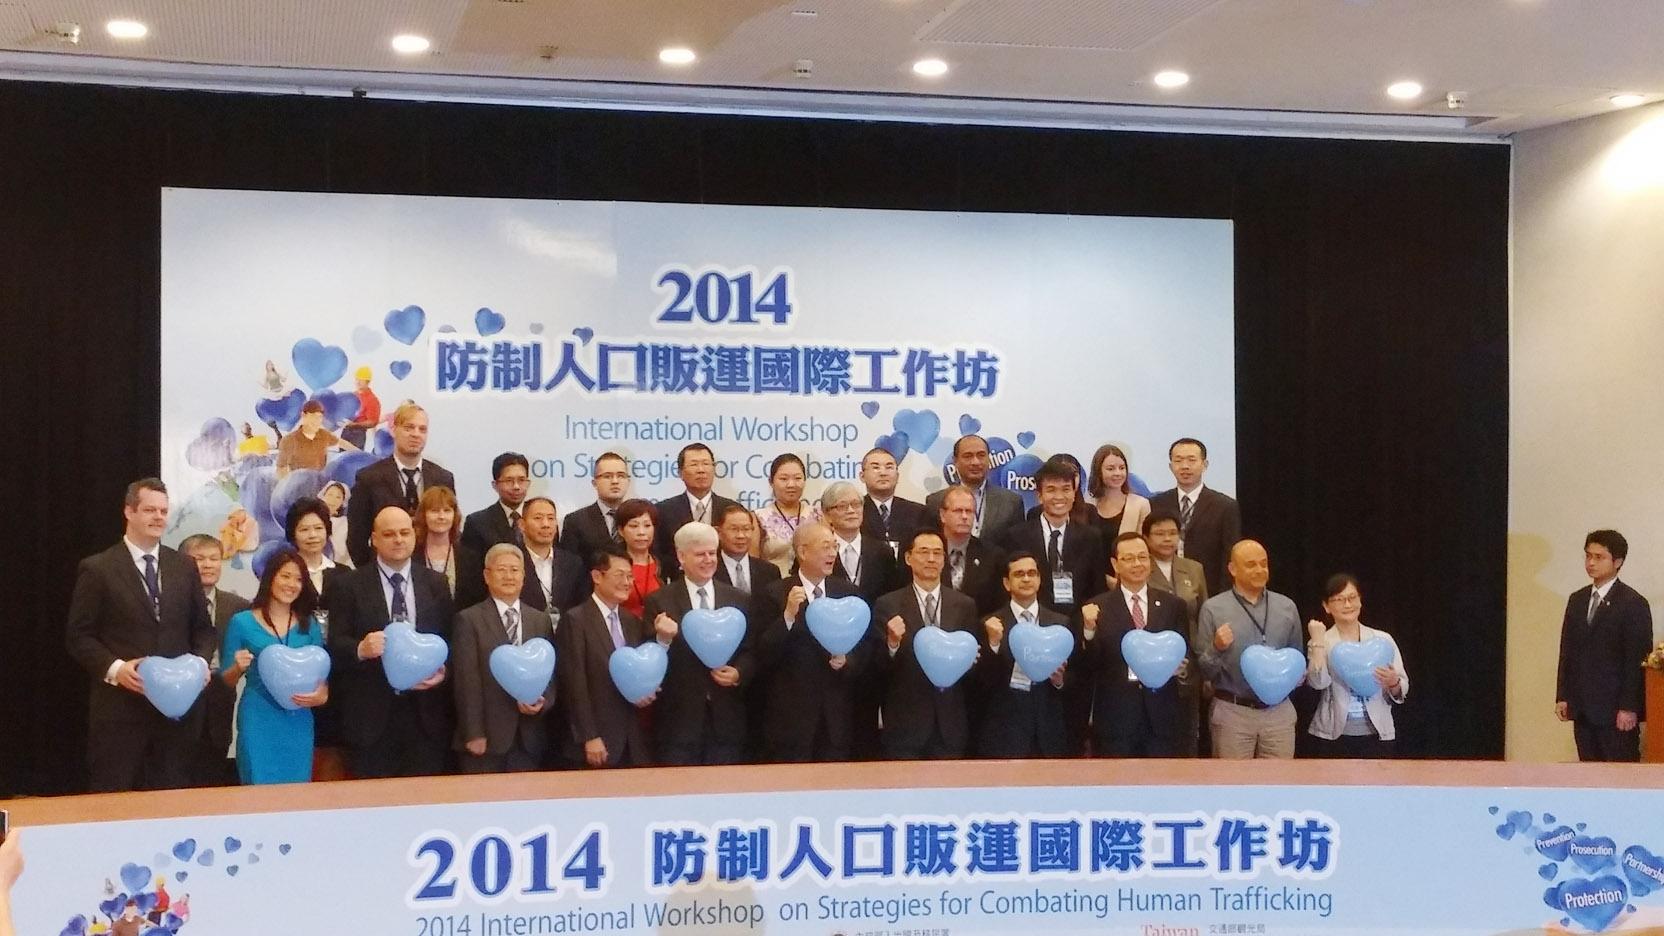 吳敦義副總統(前排中),移民署署長莫天虎(前排右5),各國駐我國辦事處代表及與會貴賓手拿藍色心型氣球合照。